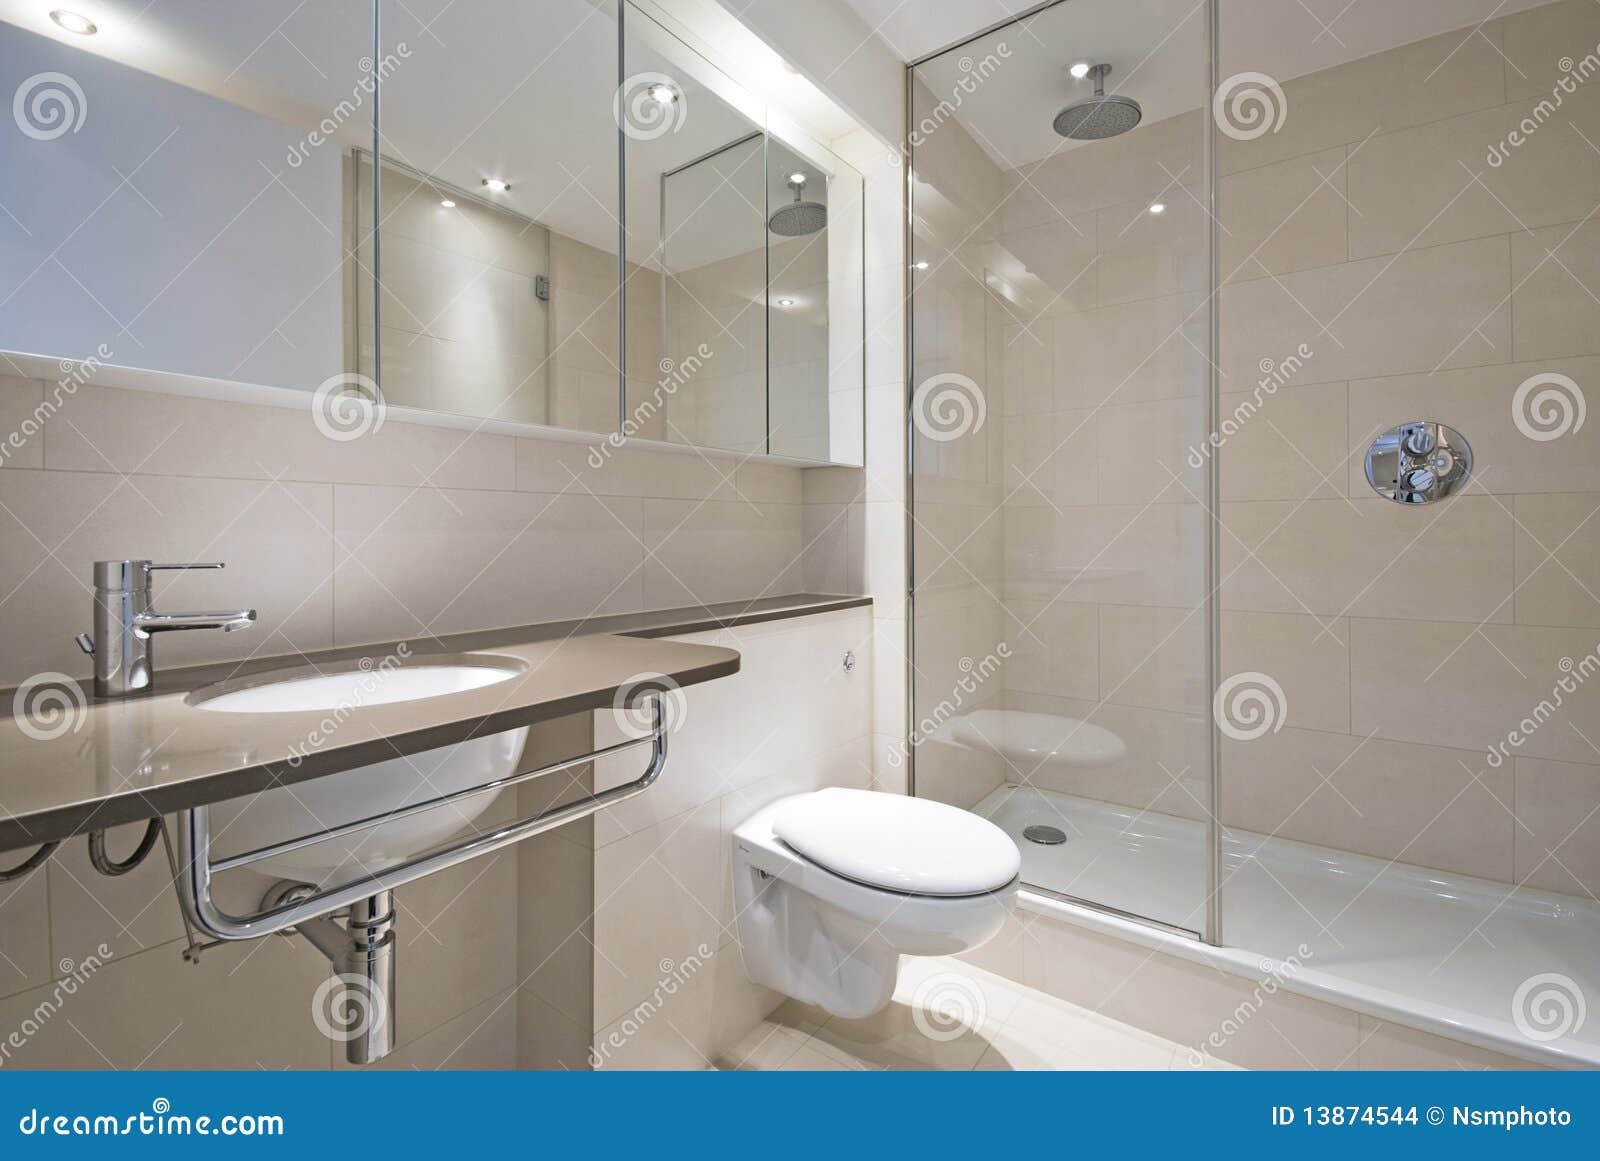 Cuarto de ba o moderno con el lavabo de colada del for Disenador de banos gratis